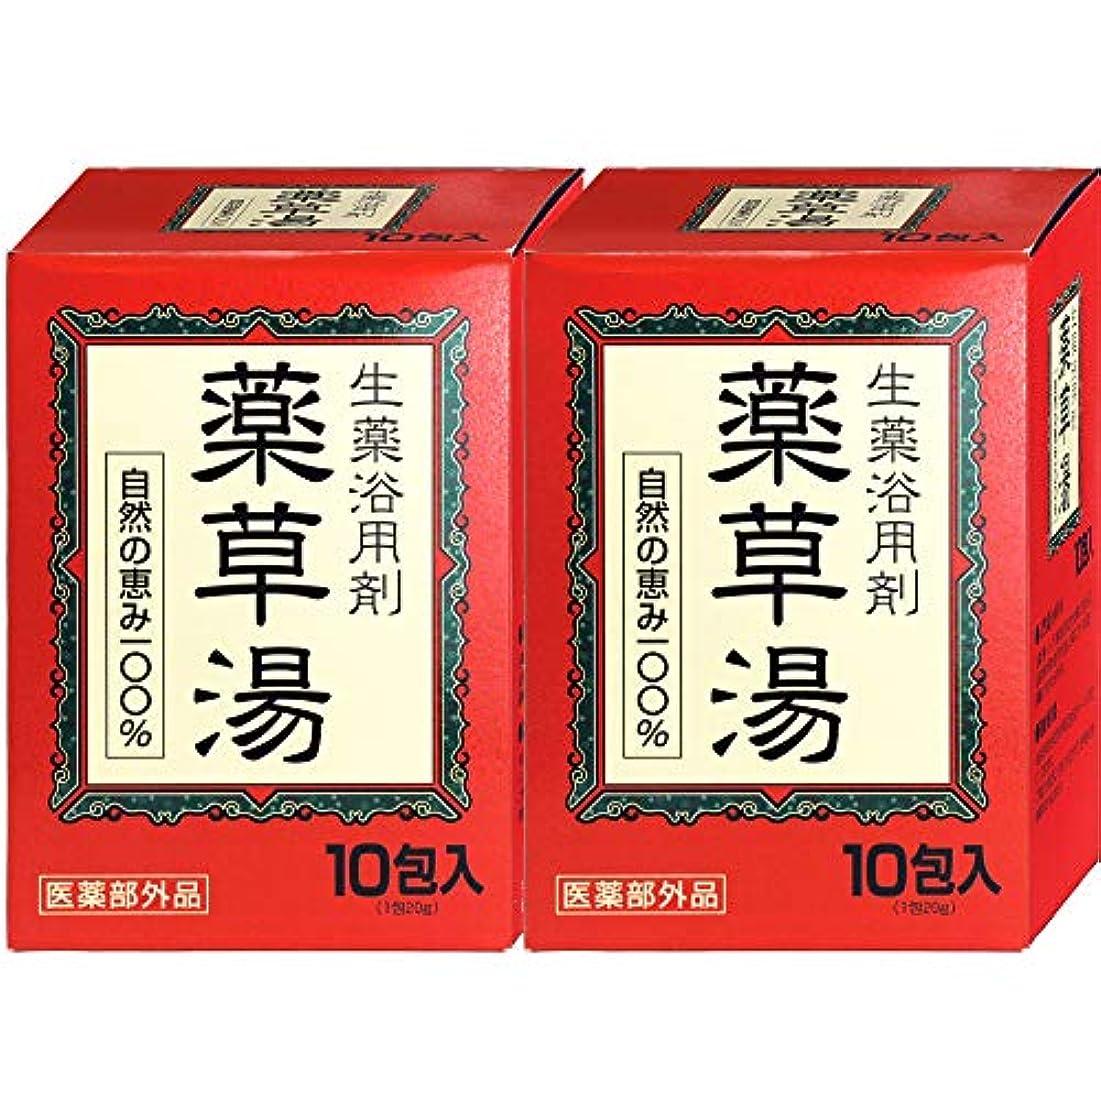 基準クラシカルストリップ薬草湯 生薬浴用剤 10包入 【2個セット】自然の恵み100% 医薬部外品